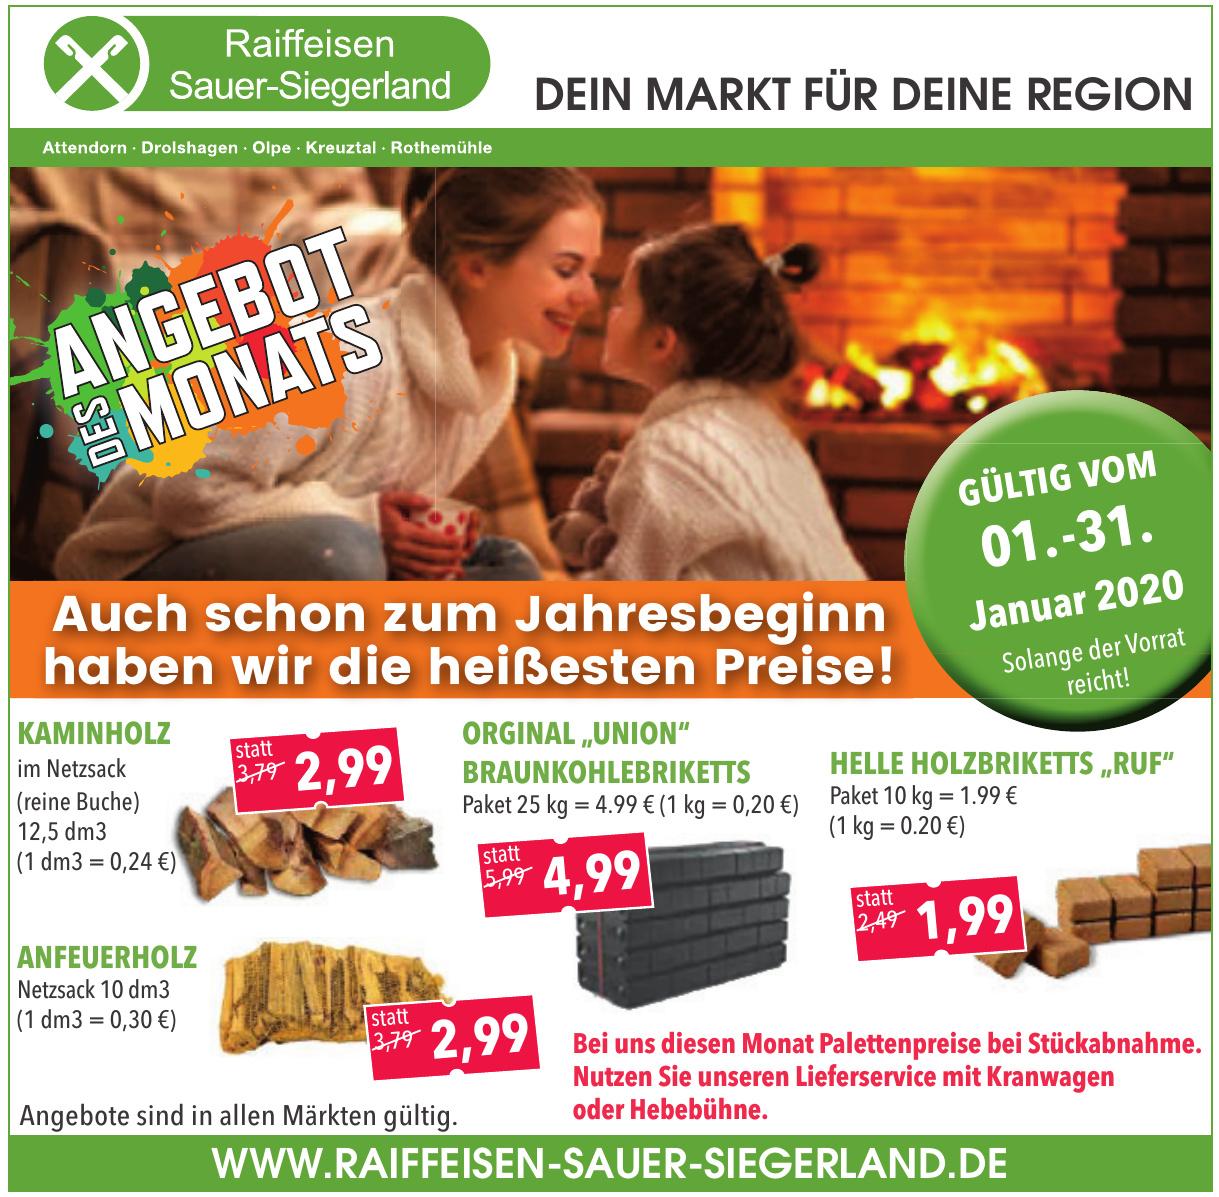 Raiffeisen Sauer-Siegerland eG